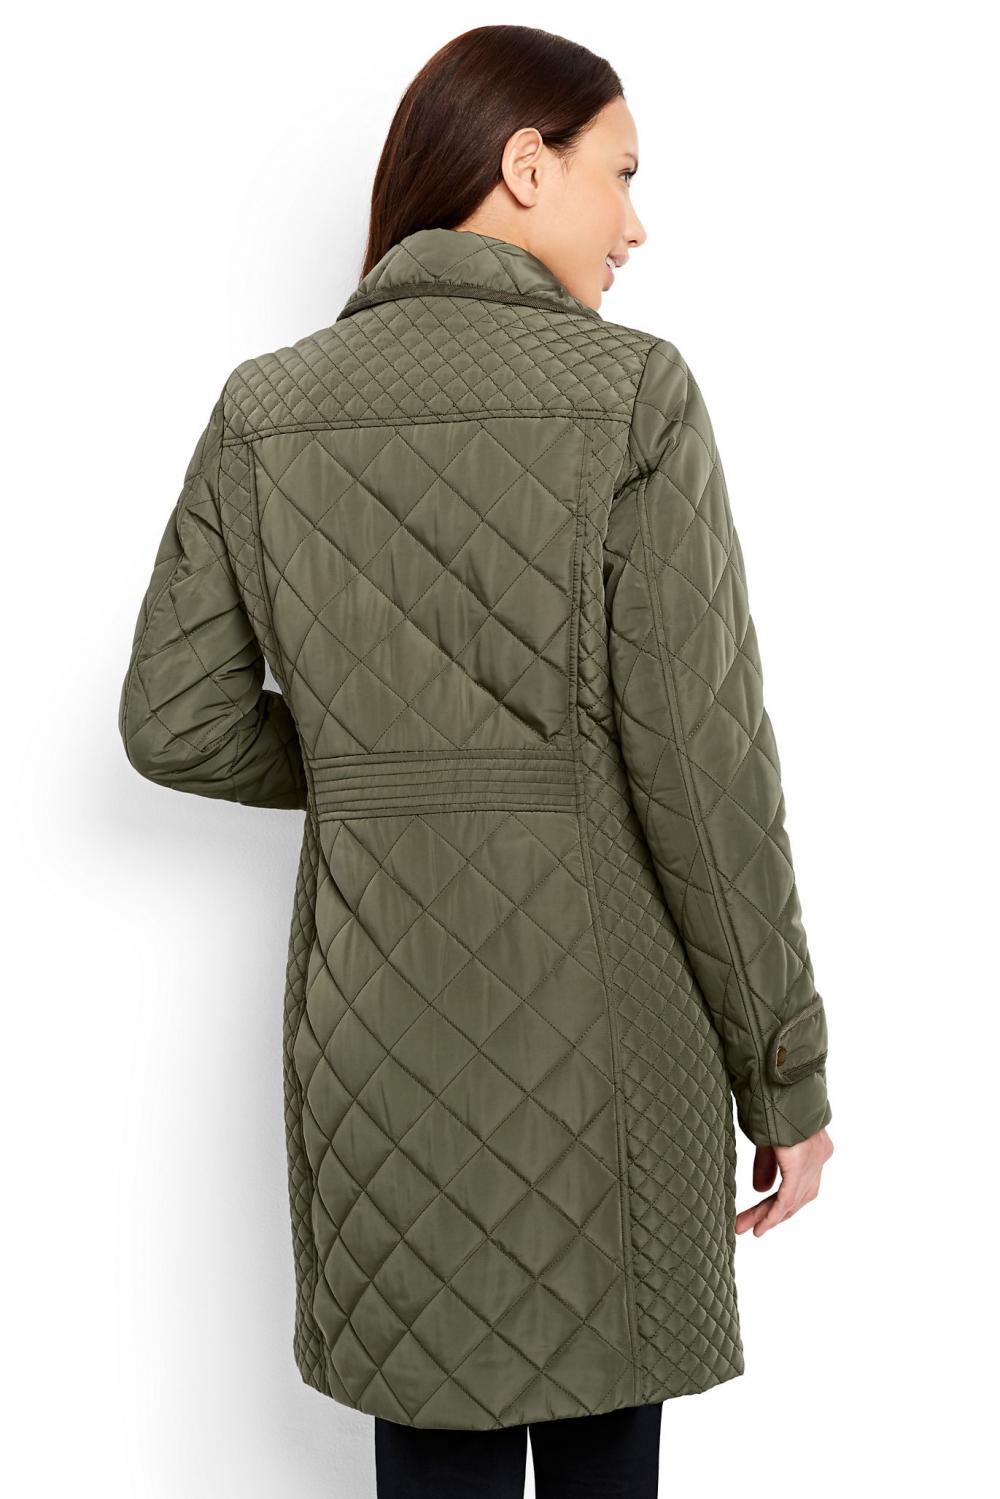 Стеганое пальто Landsend usa 8 ( 46 рос.)